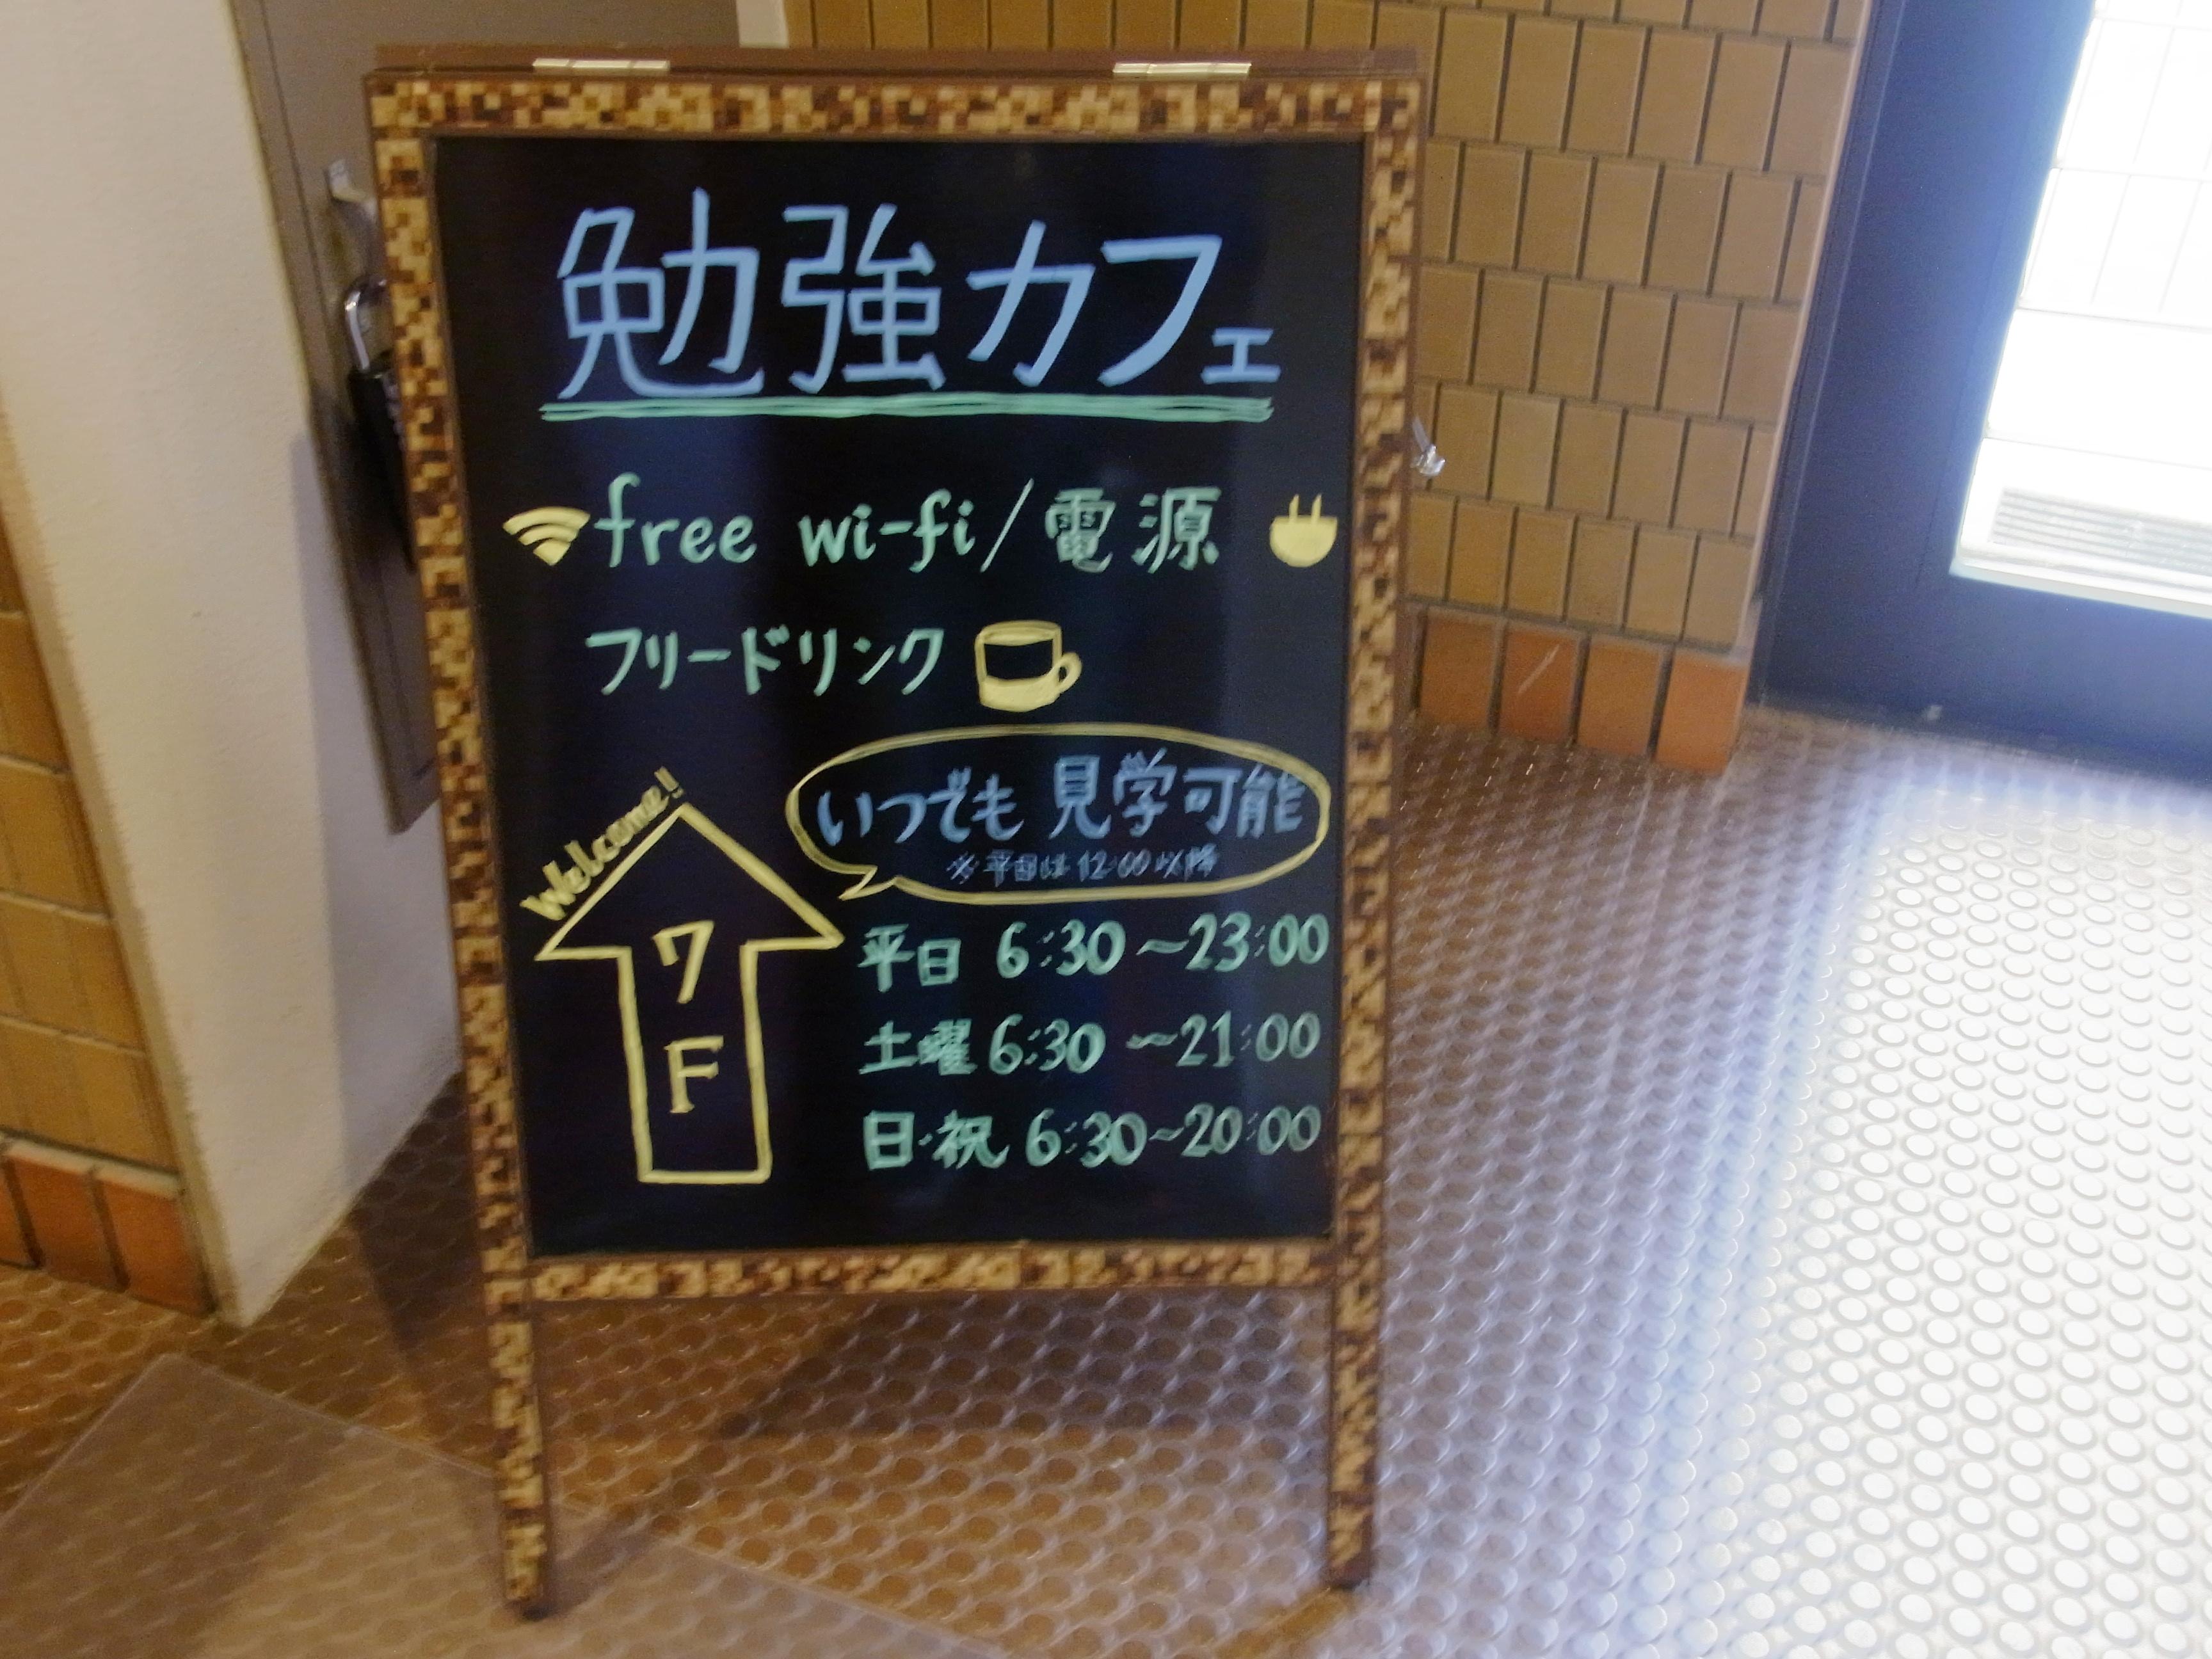 勉強に集中できる勉強カフェ神戸三宮スタジオ[突撃コワーキング取材][第14回]